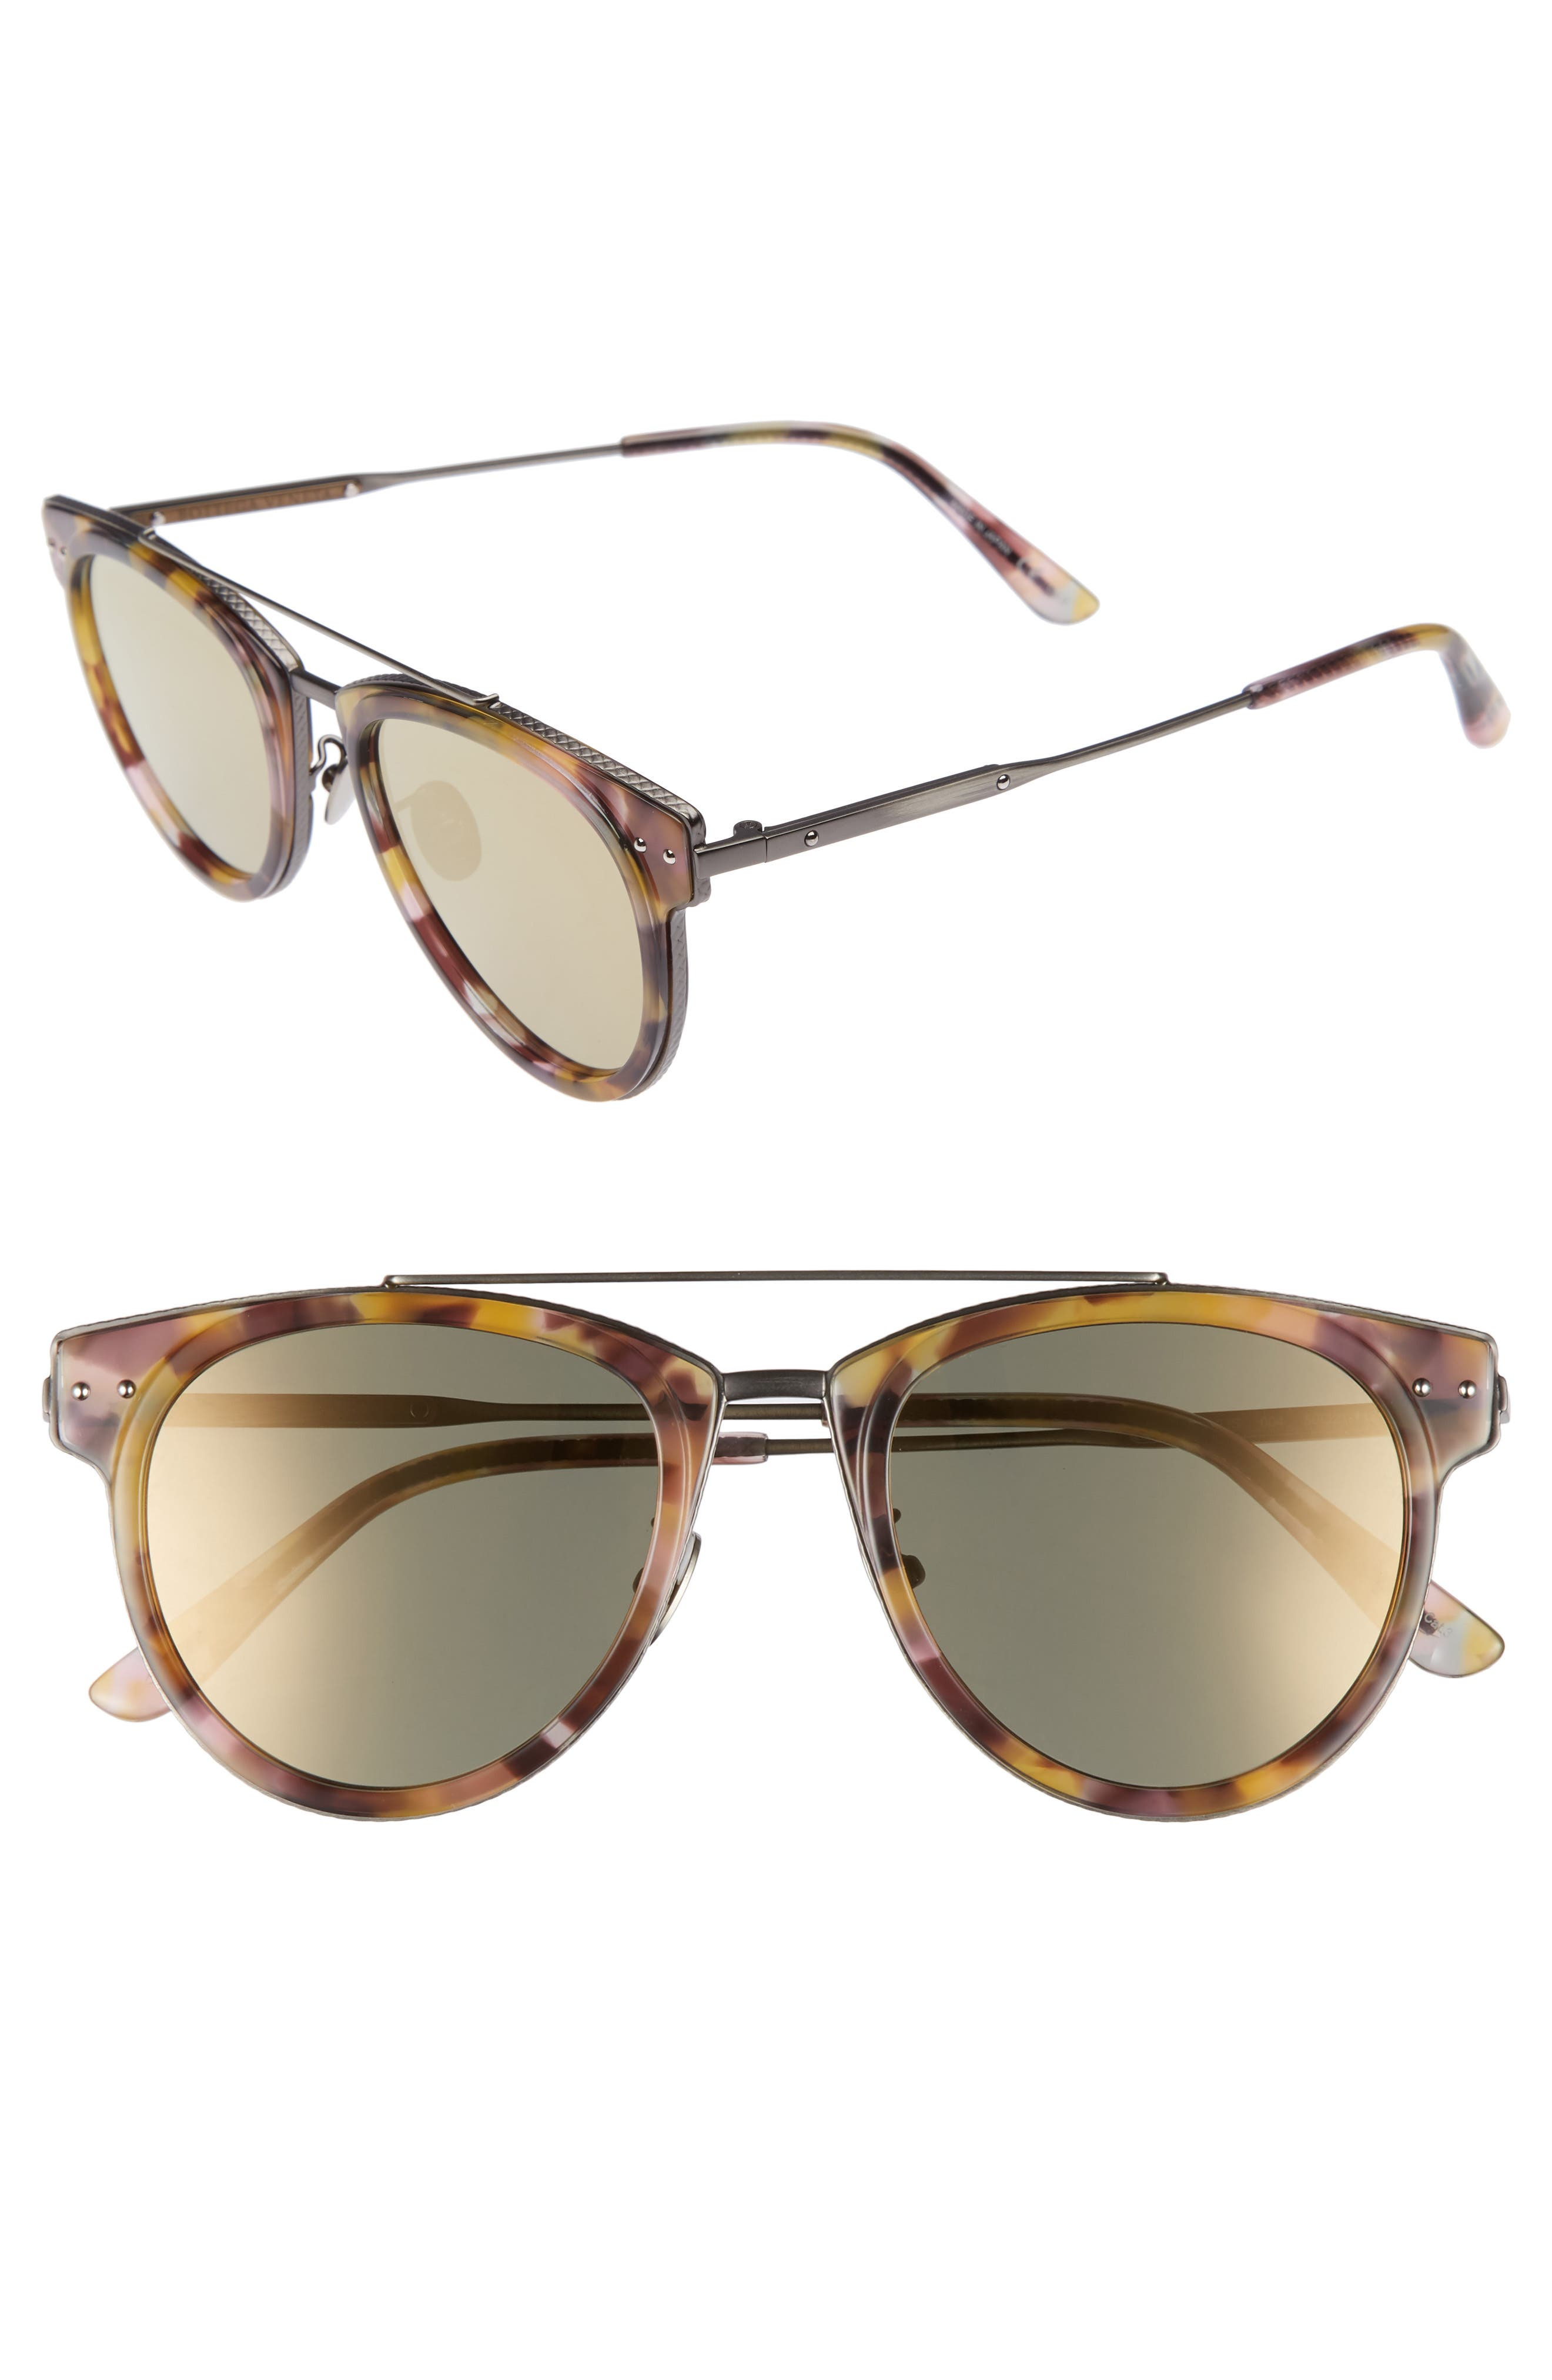 Bottega Veneta 50mm Sunglasses